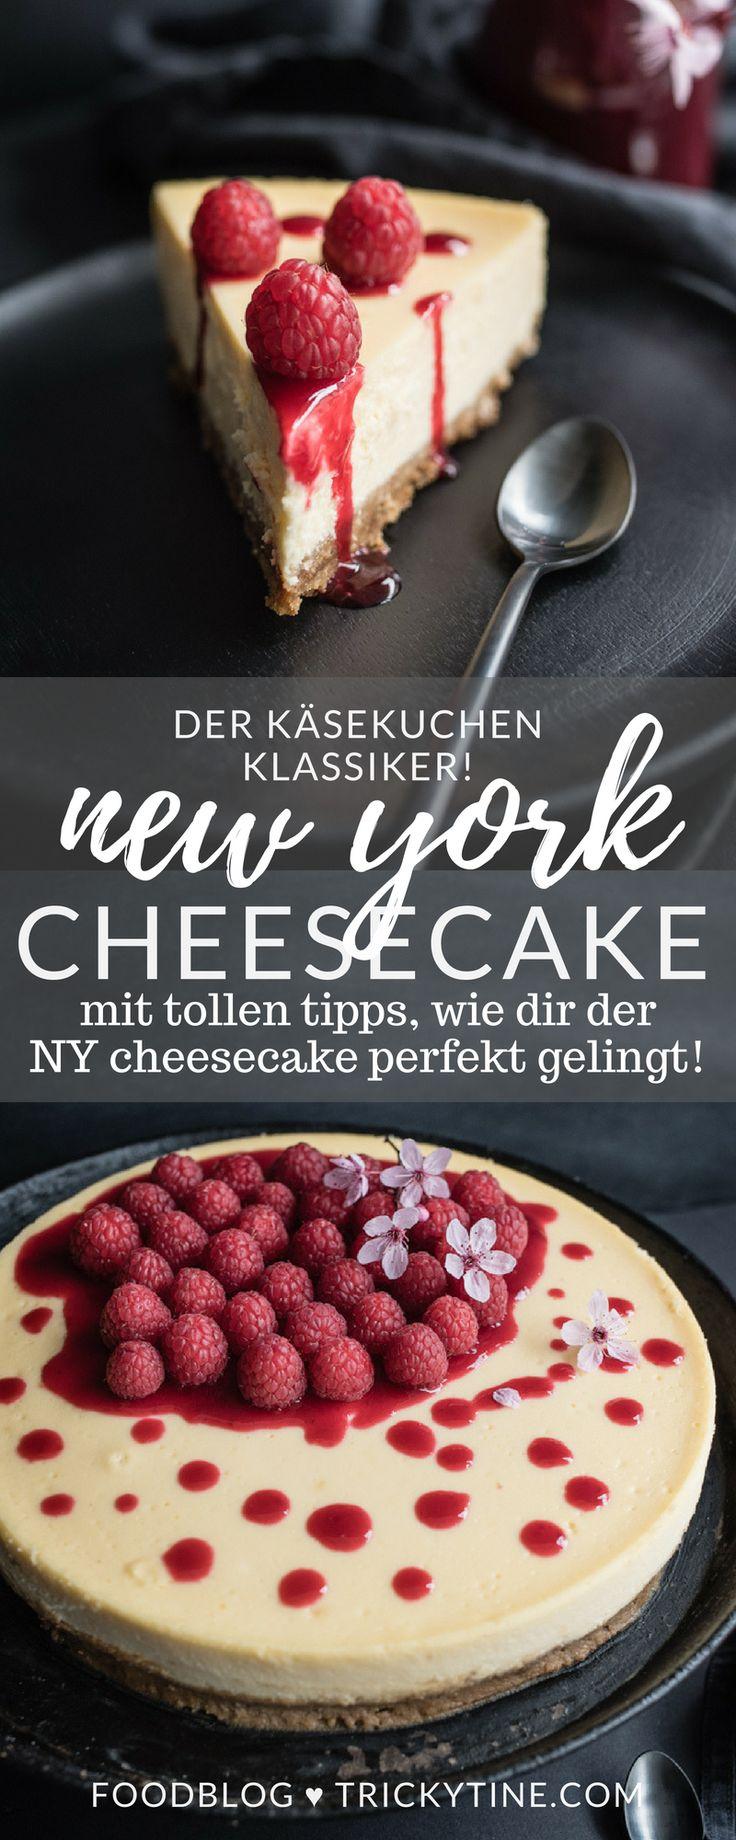 Super cremiger NY-Käsekuchen mit Himbeersauce   – ***Ich*Liebe*Foodblogs***